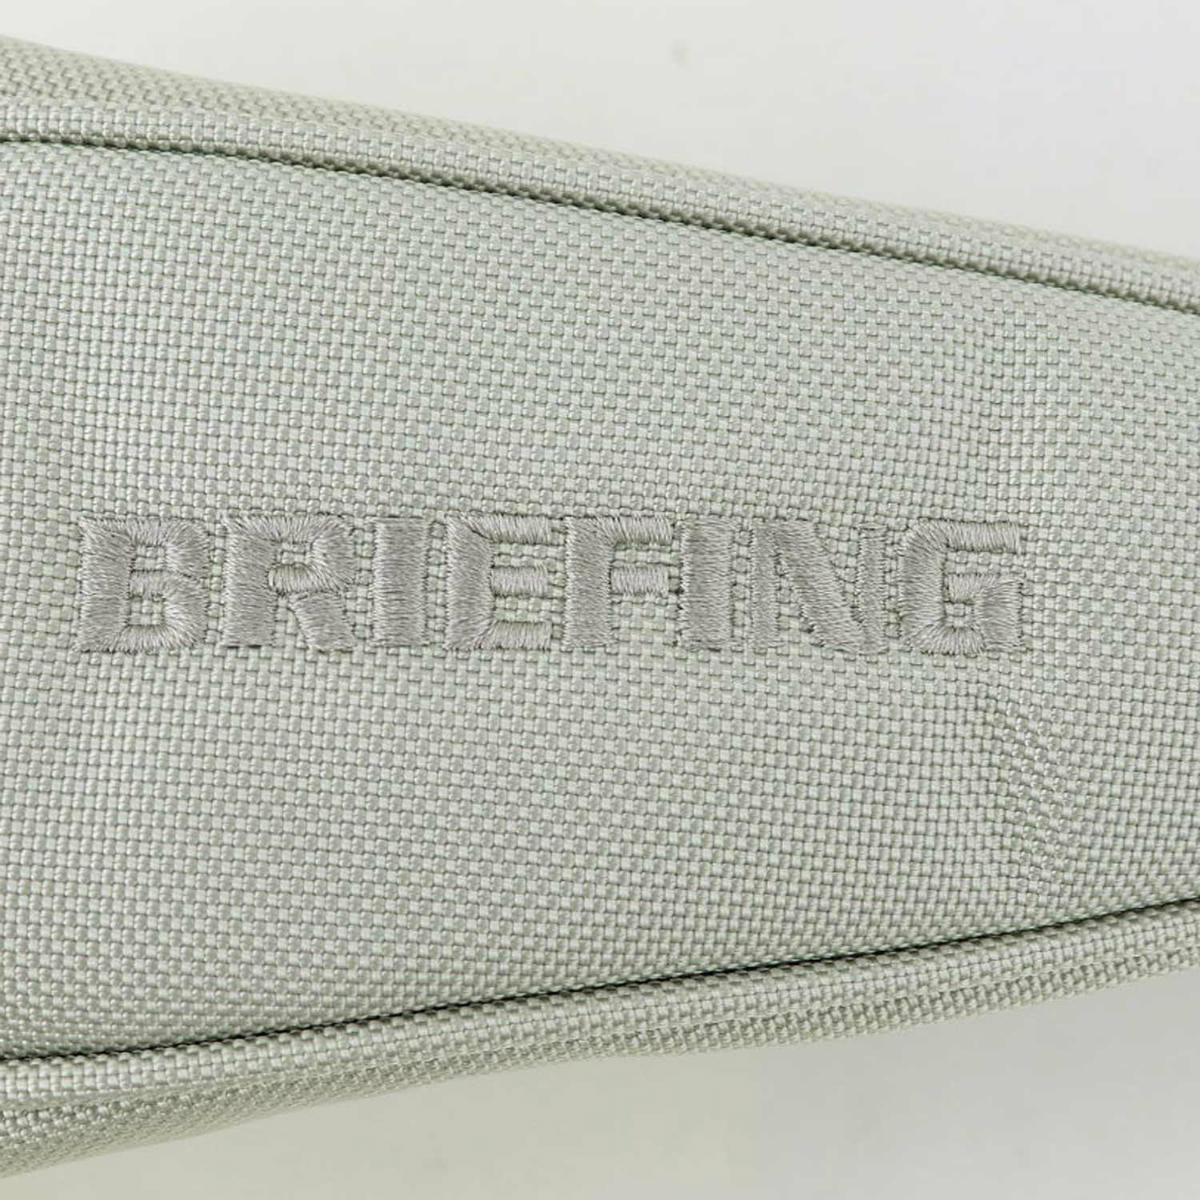 ブリーフィングゴルフ BRIEFING GOLF FAIRWAY WOOD COVER AIR フェアウェイウッドカバー PRO SERIES BRG203G11 BRG 006 SILVER(シルバー) 春夏新作